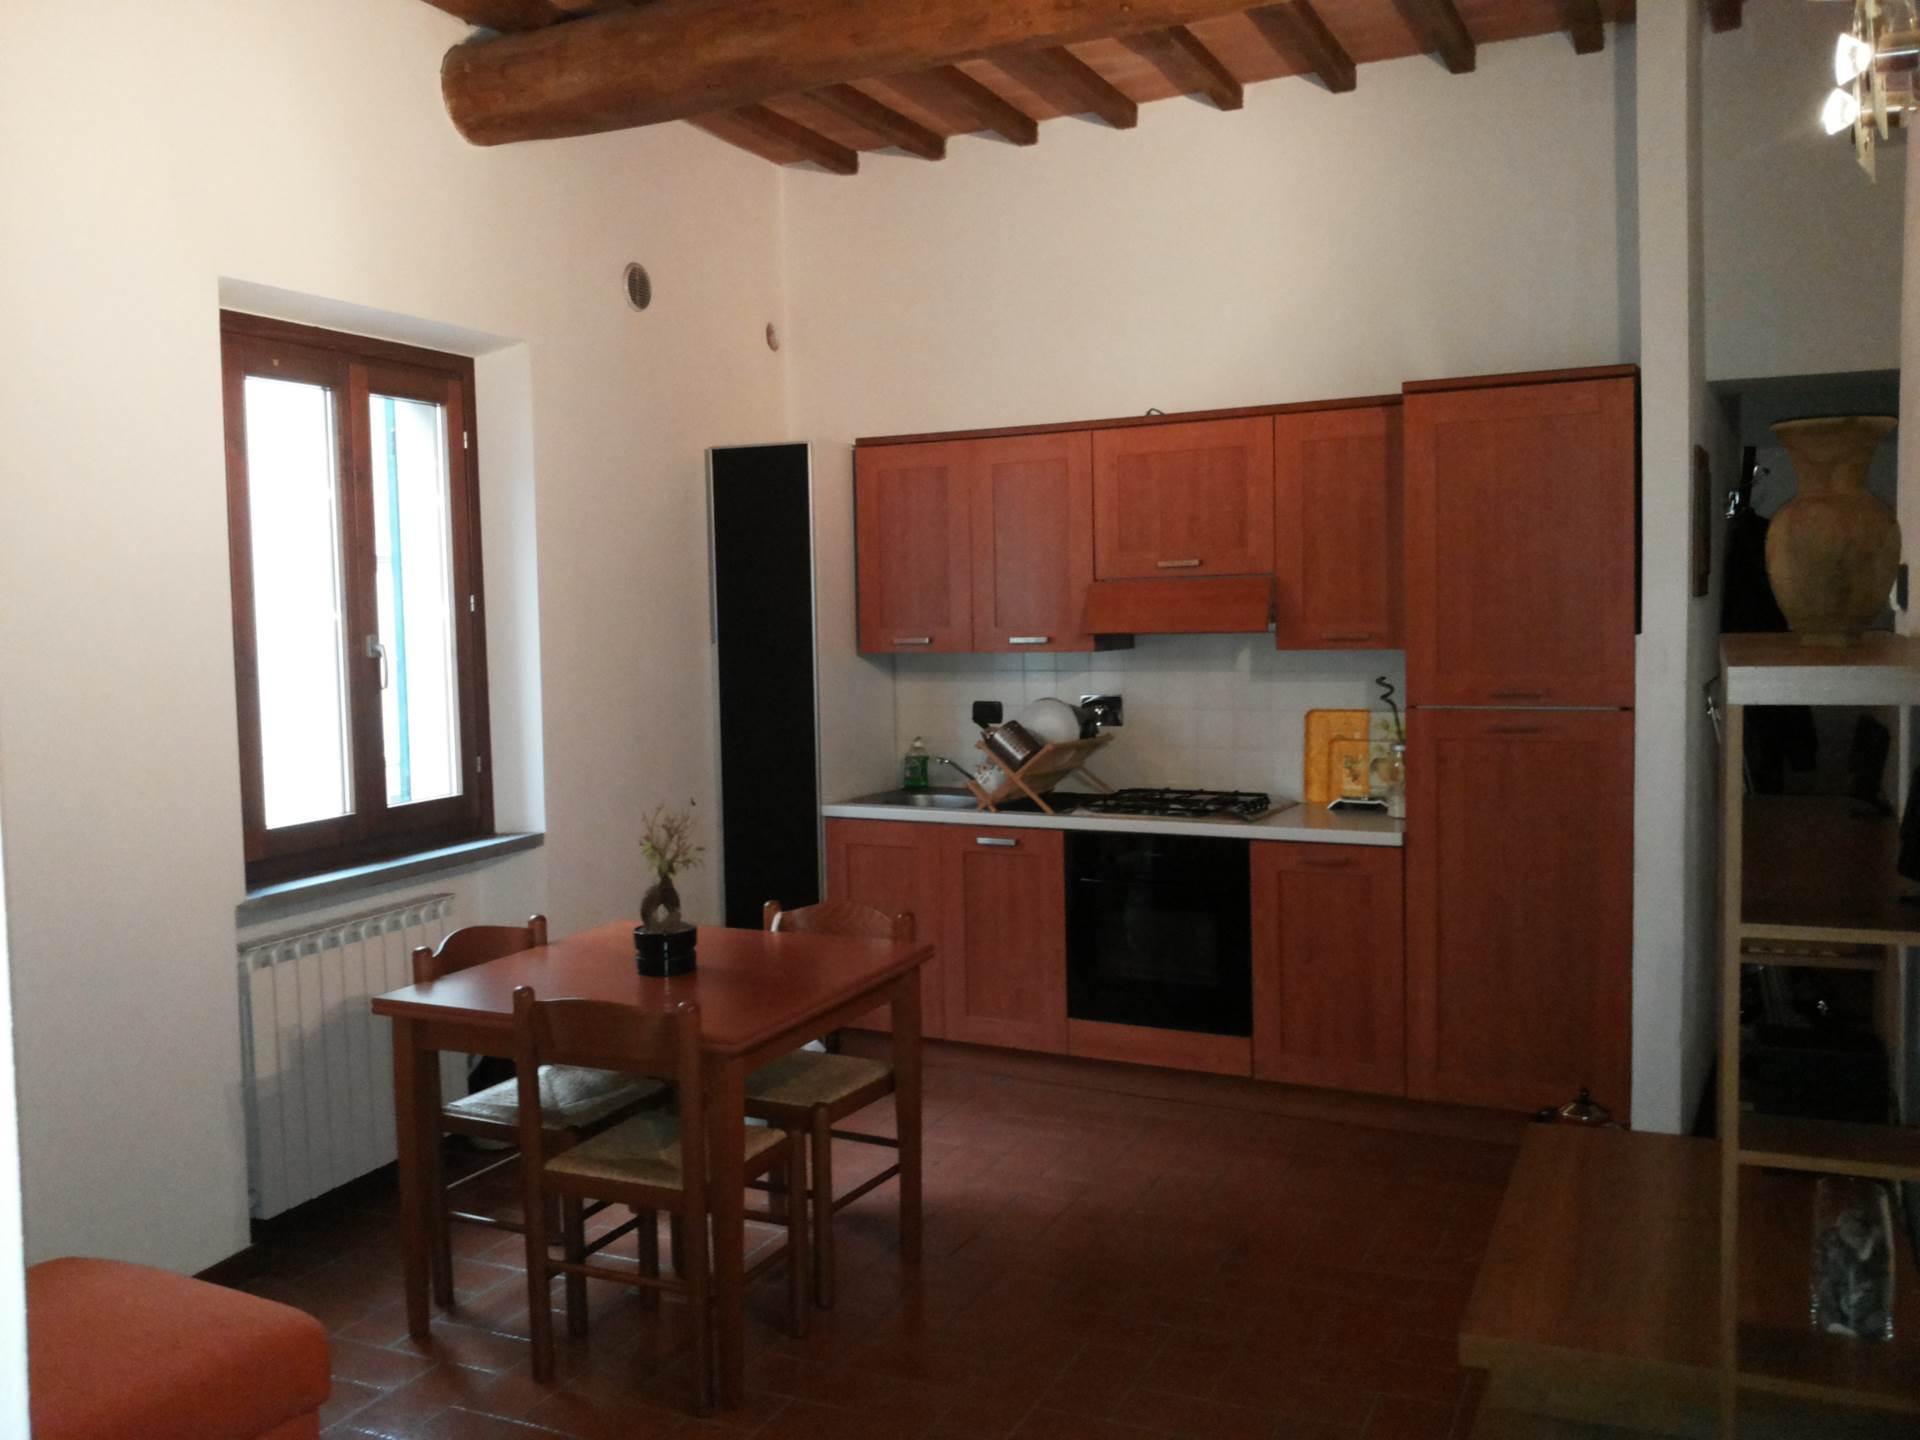 affitto appartamento cerreto guidi   450 euro  2 locali  54 mq